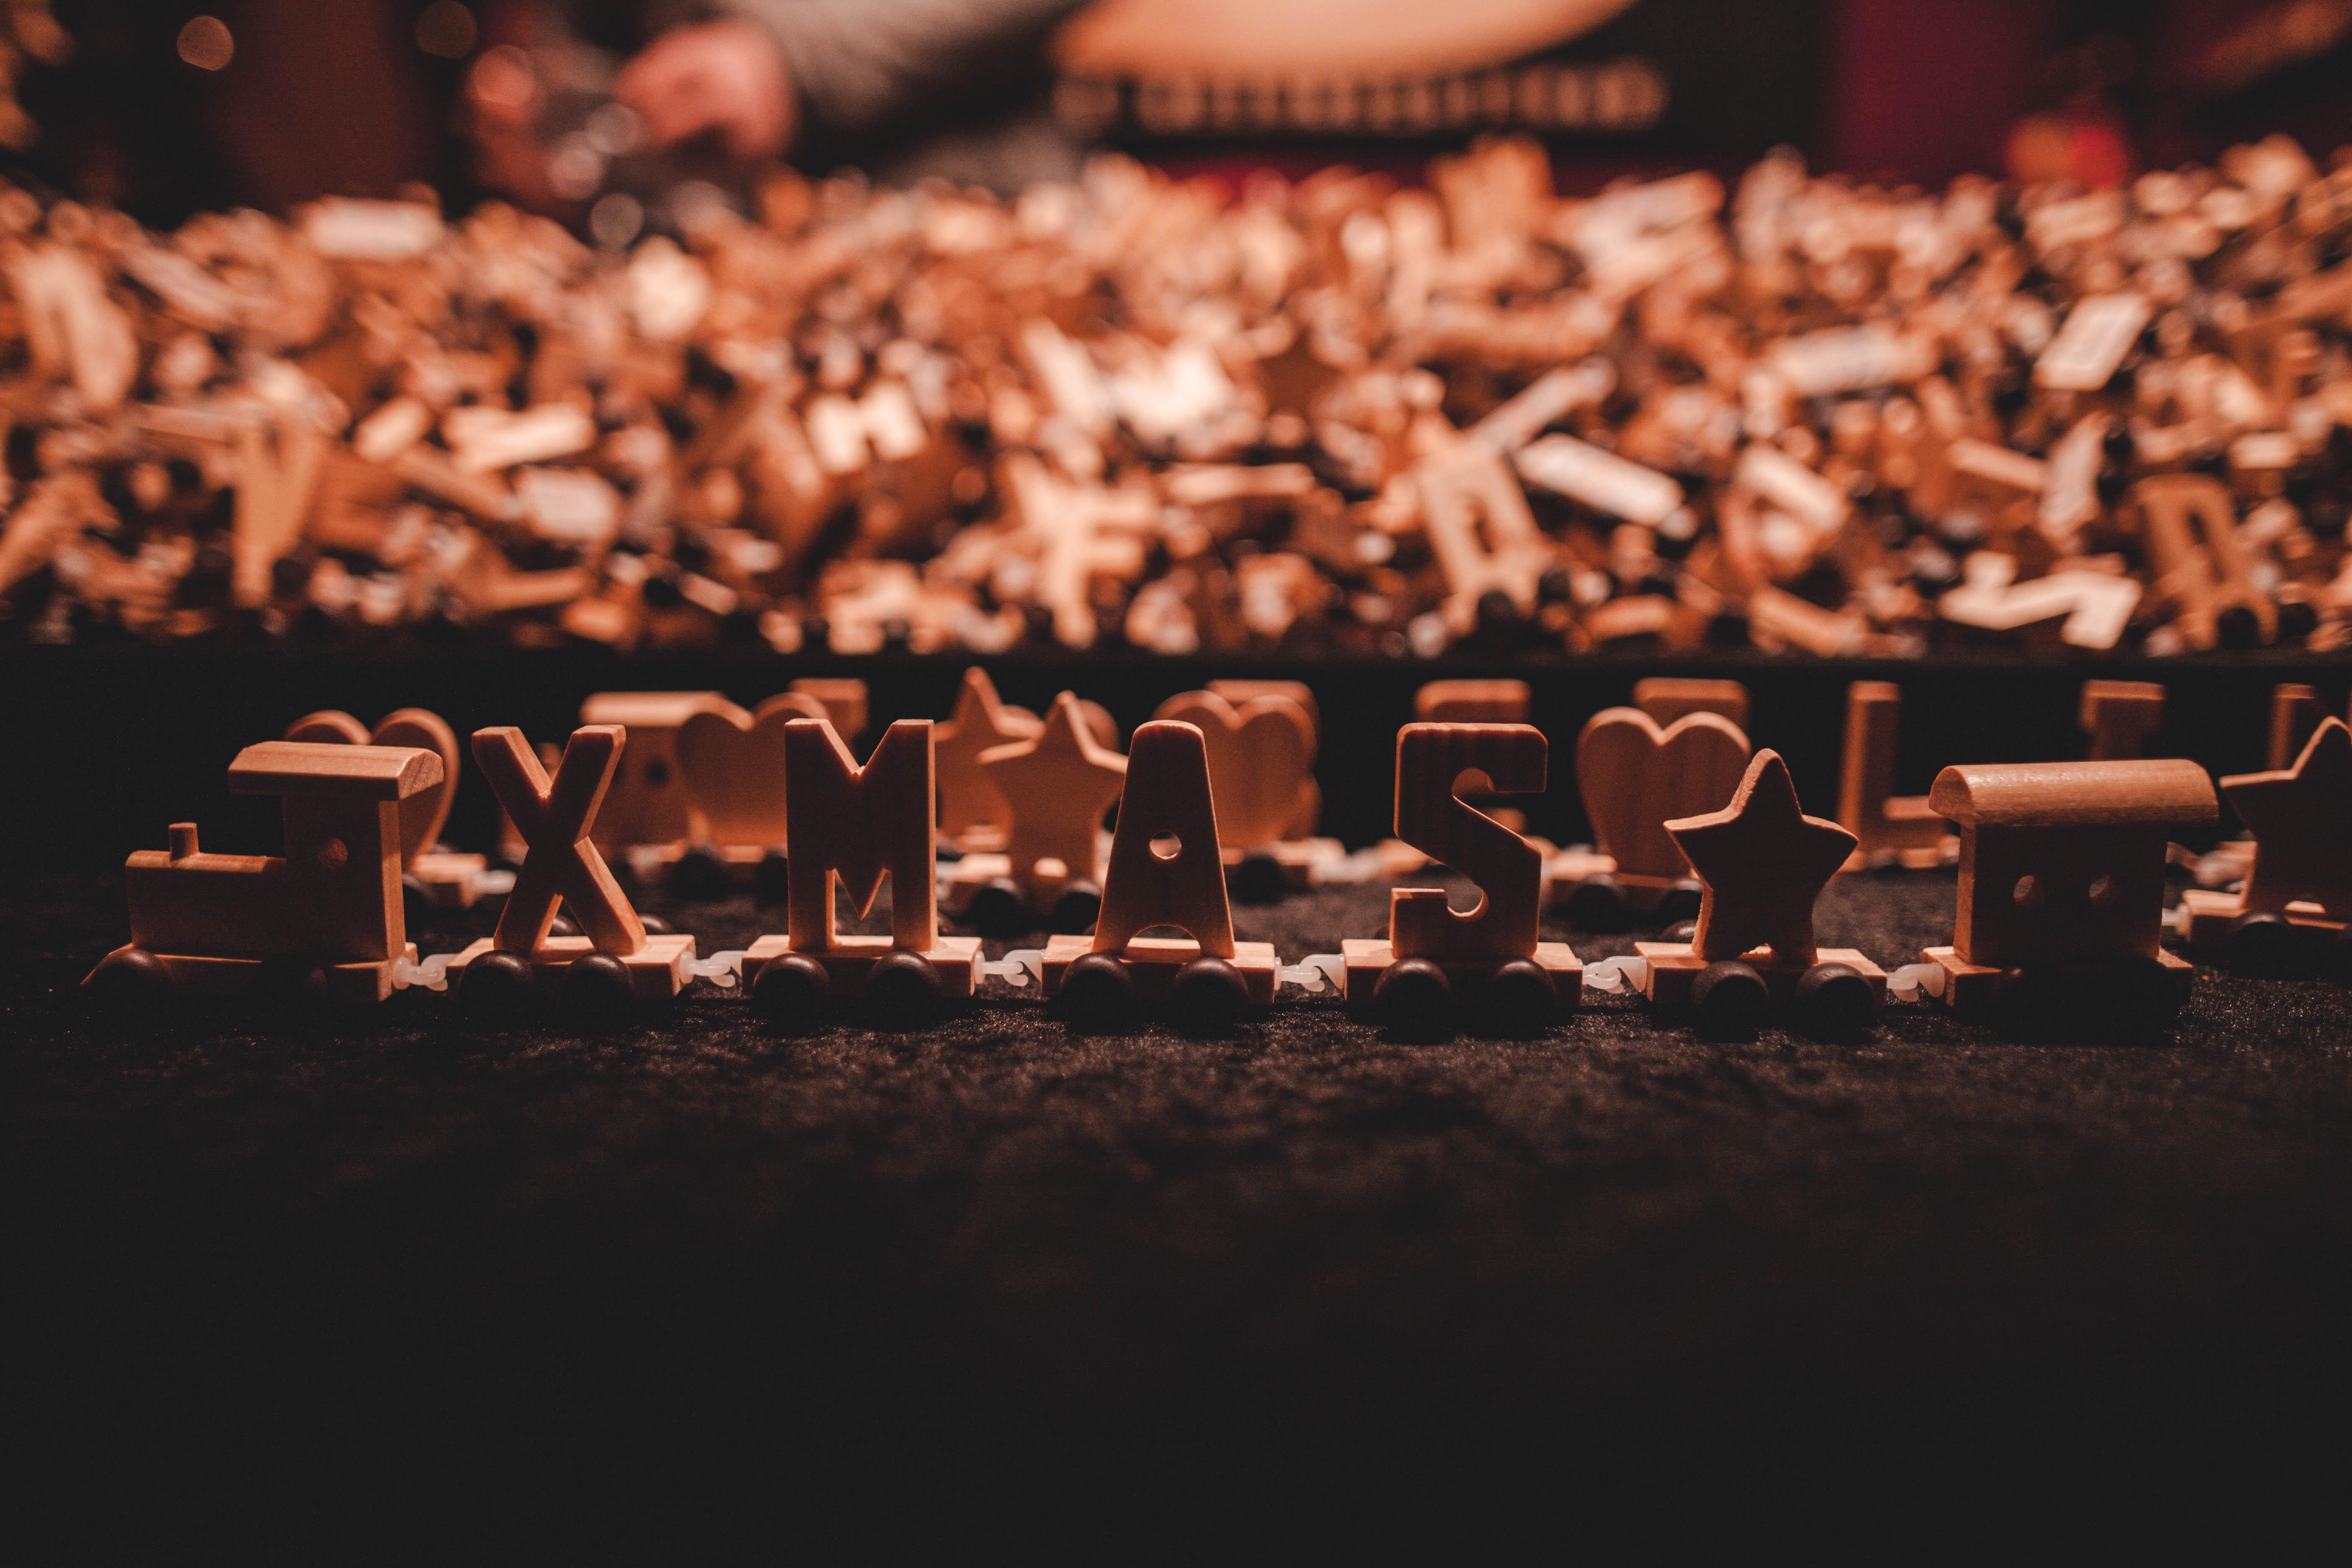 Schriftart Weihnachten.Kostenlose Foto Weihnachten Holz Publikum Schriftart Menge